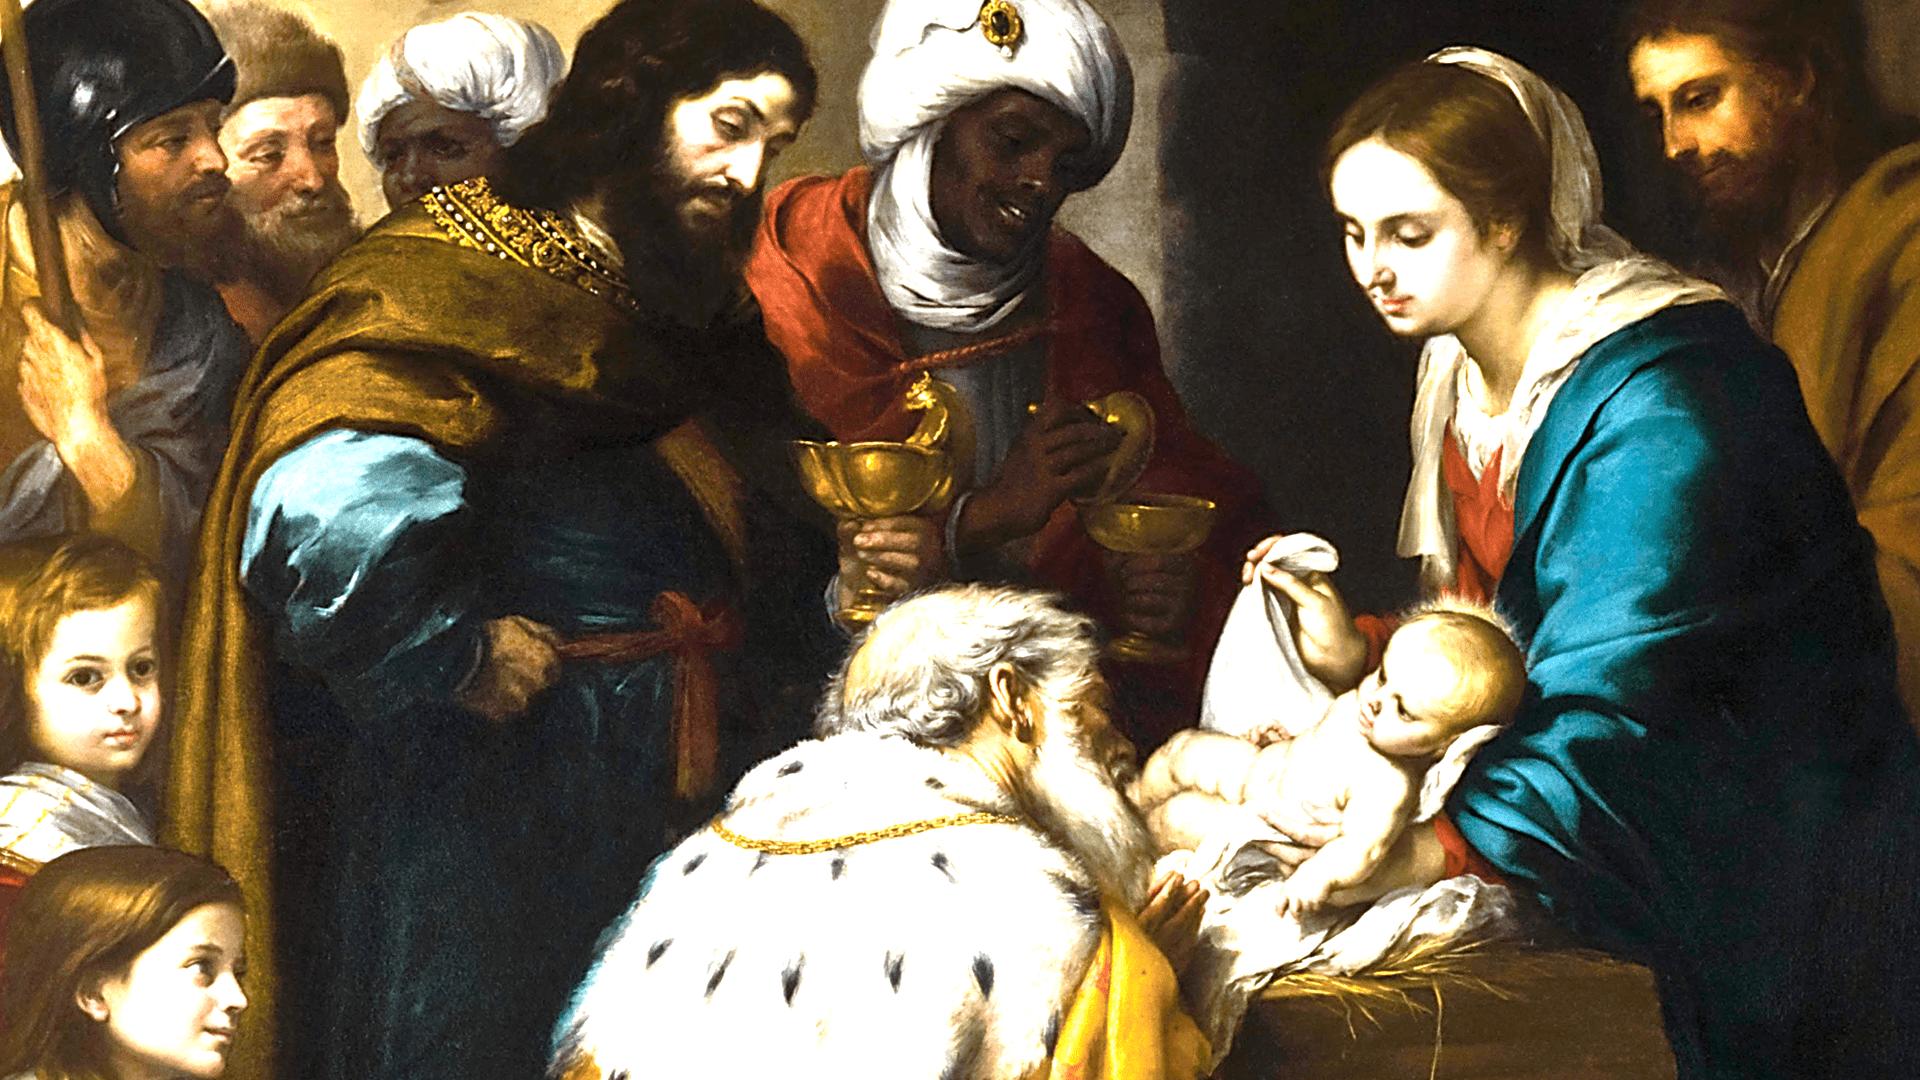 drie-koningen-openbaring-kerst-olv-ter-nood-heiloo